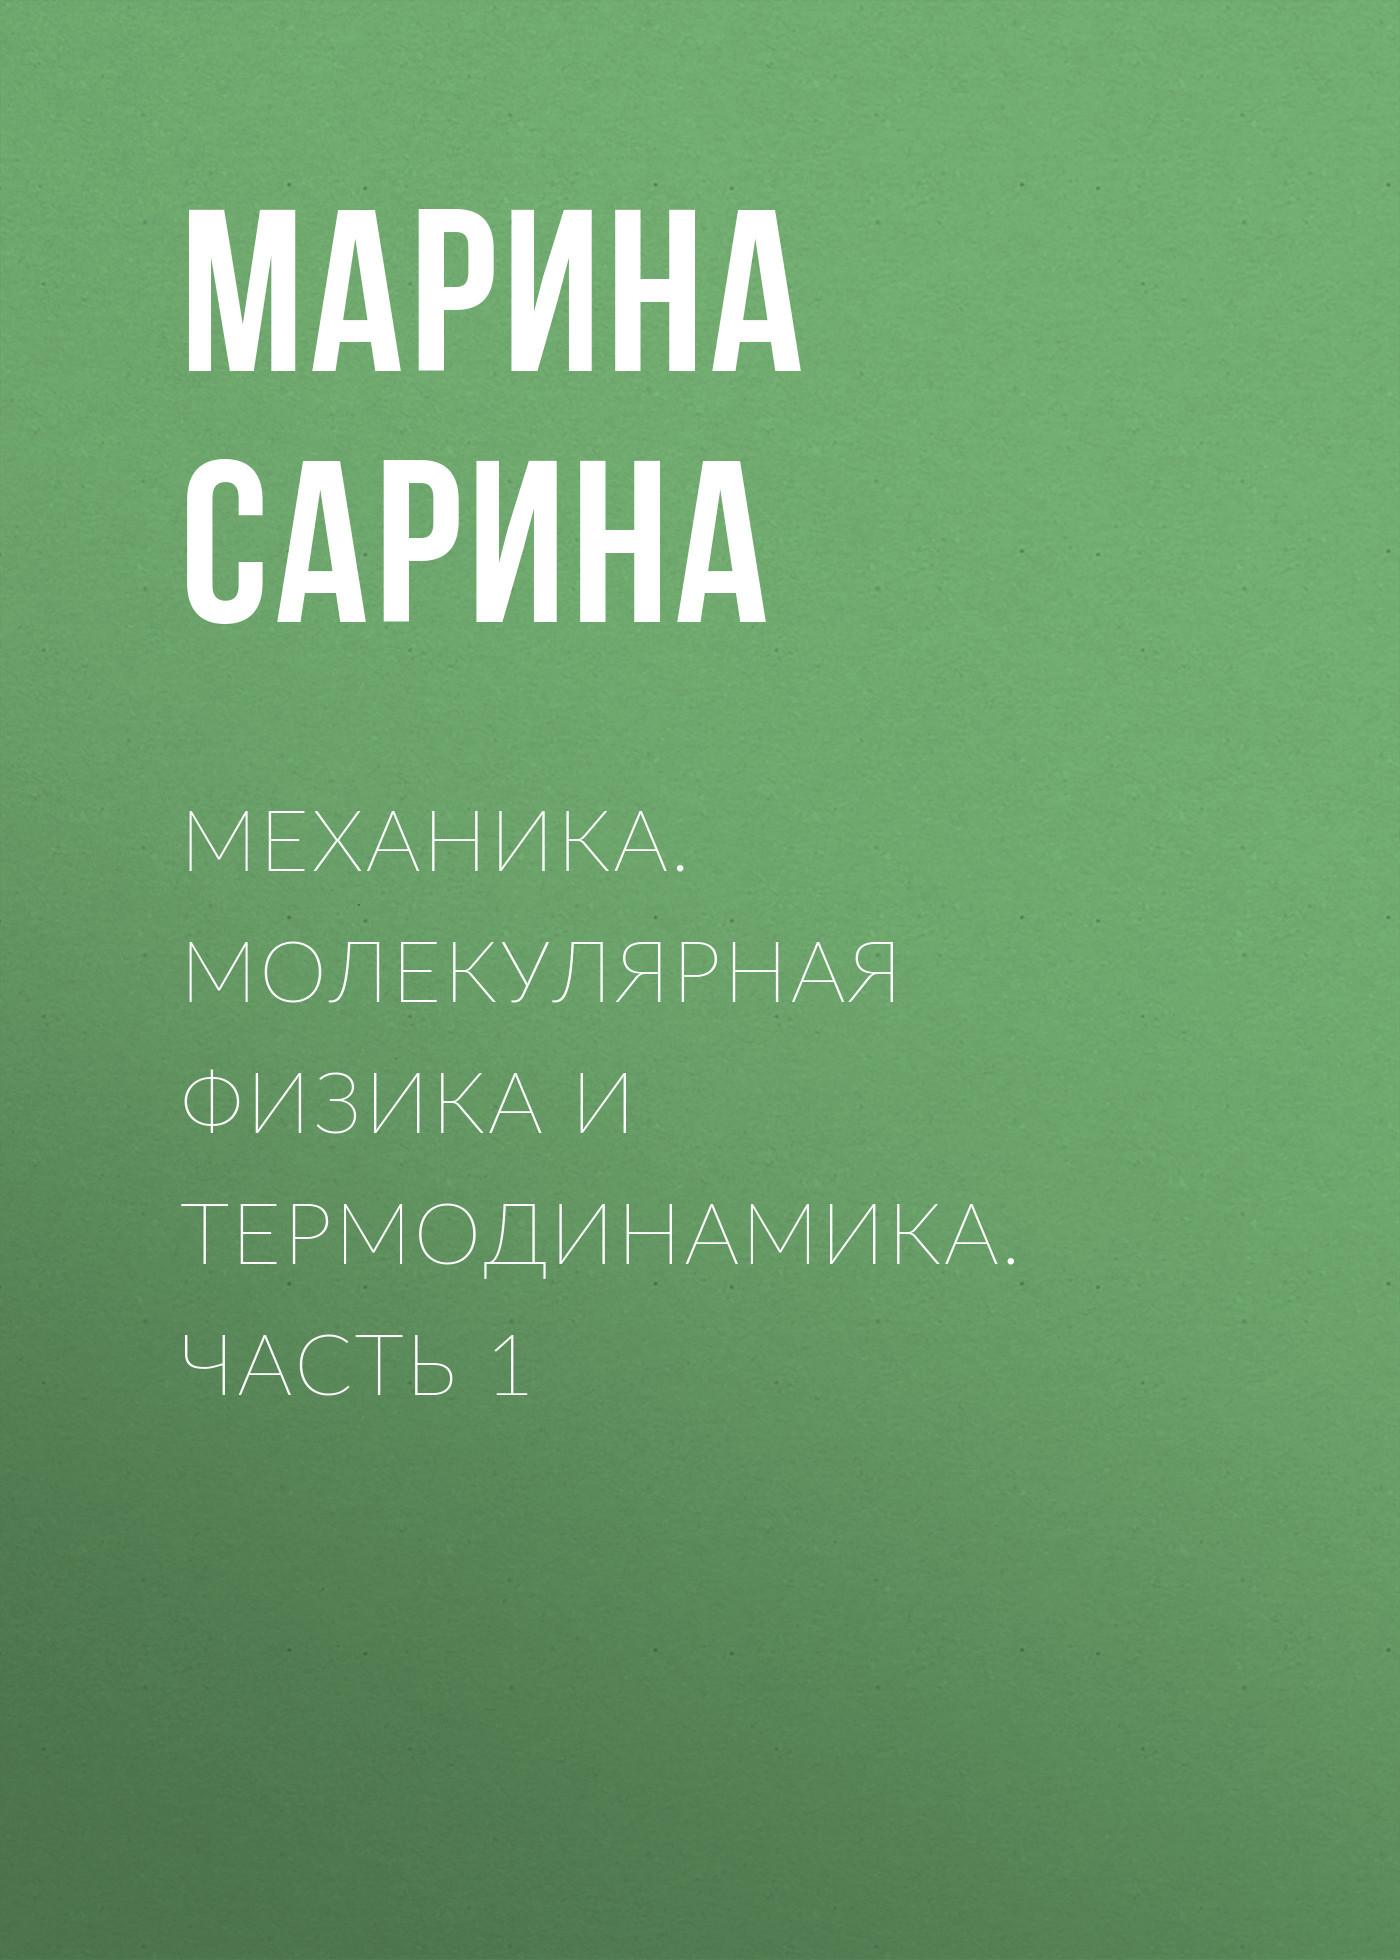 Марина Сарина Механика. Молекулярная физика и термодинамика. Часть 1 а в бармасов в е холмогоров курс общей физики для природопользователей механика